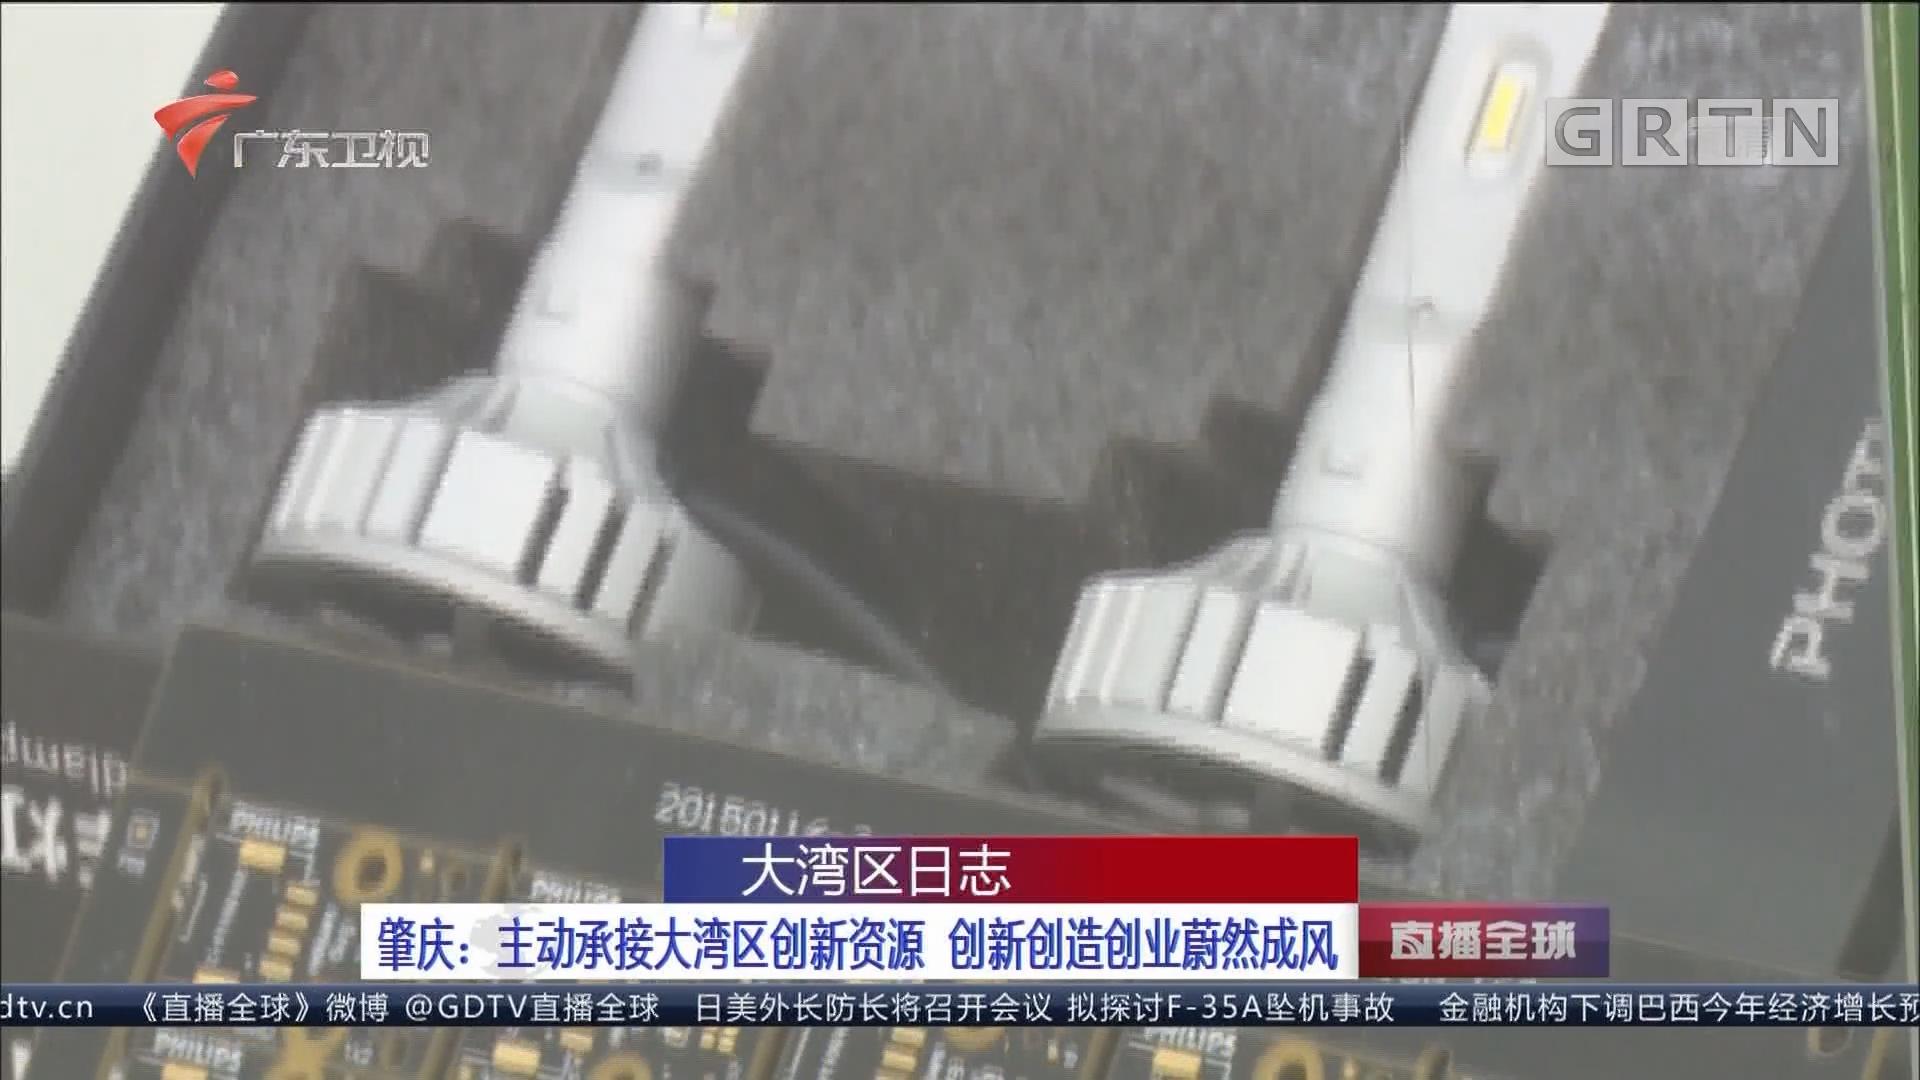 肇庆:主动承接大湾区创新资源 创新创造创业蔚然成风